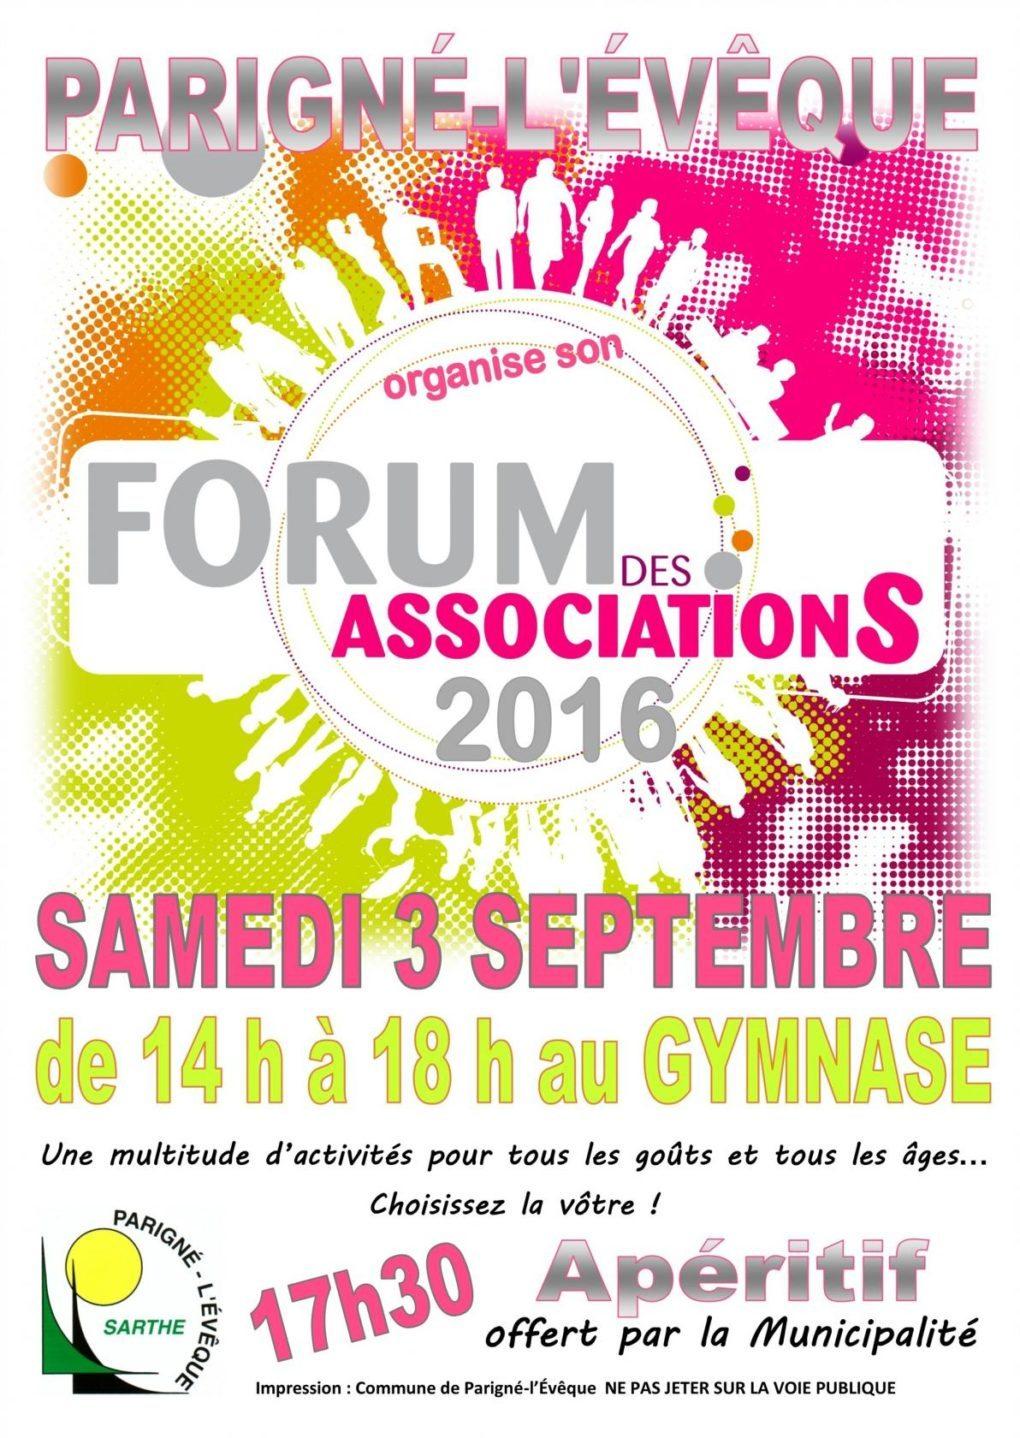 Forum des associations Parigné-l'Évêque